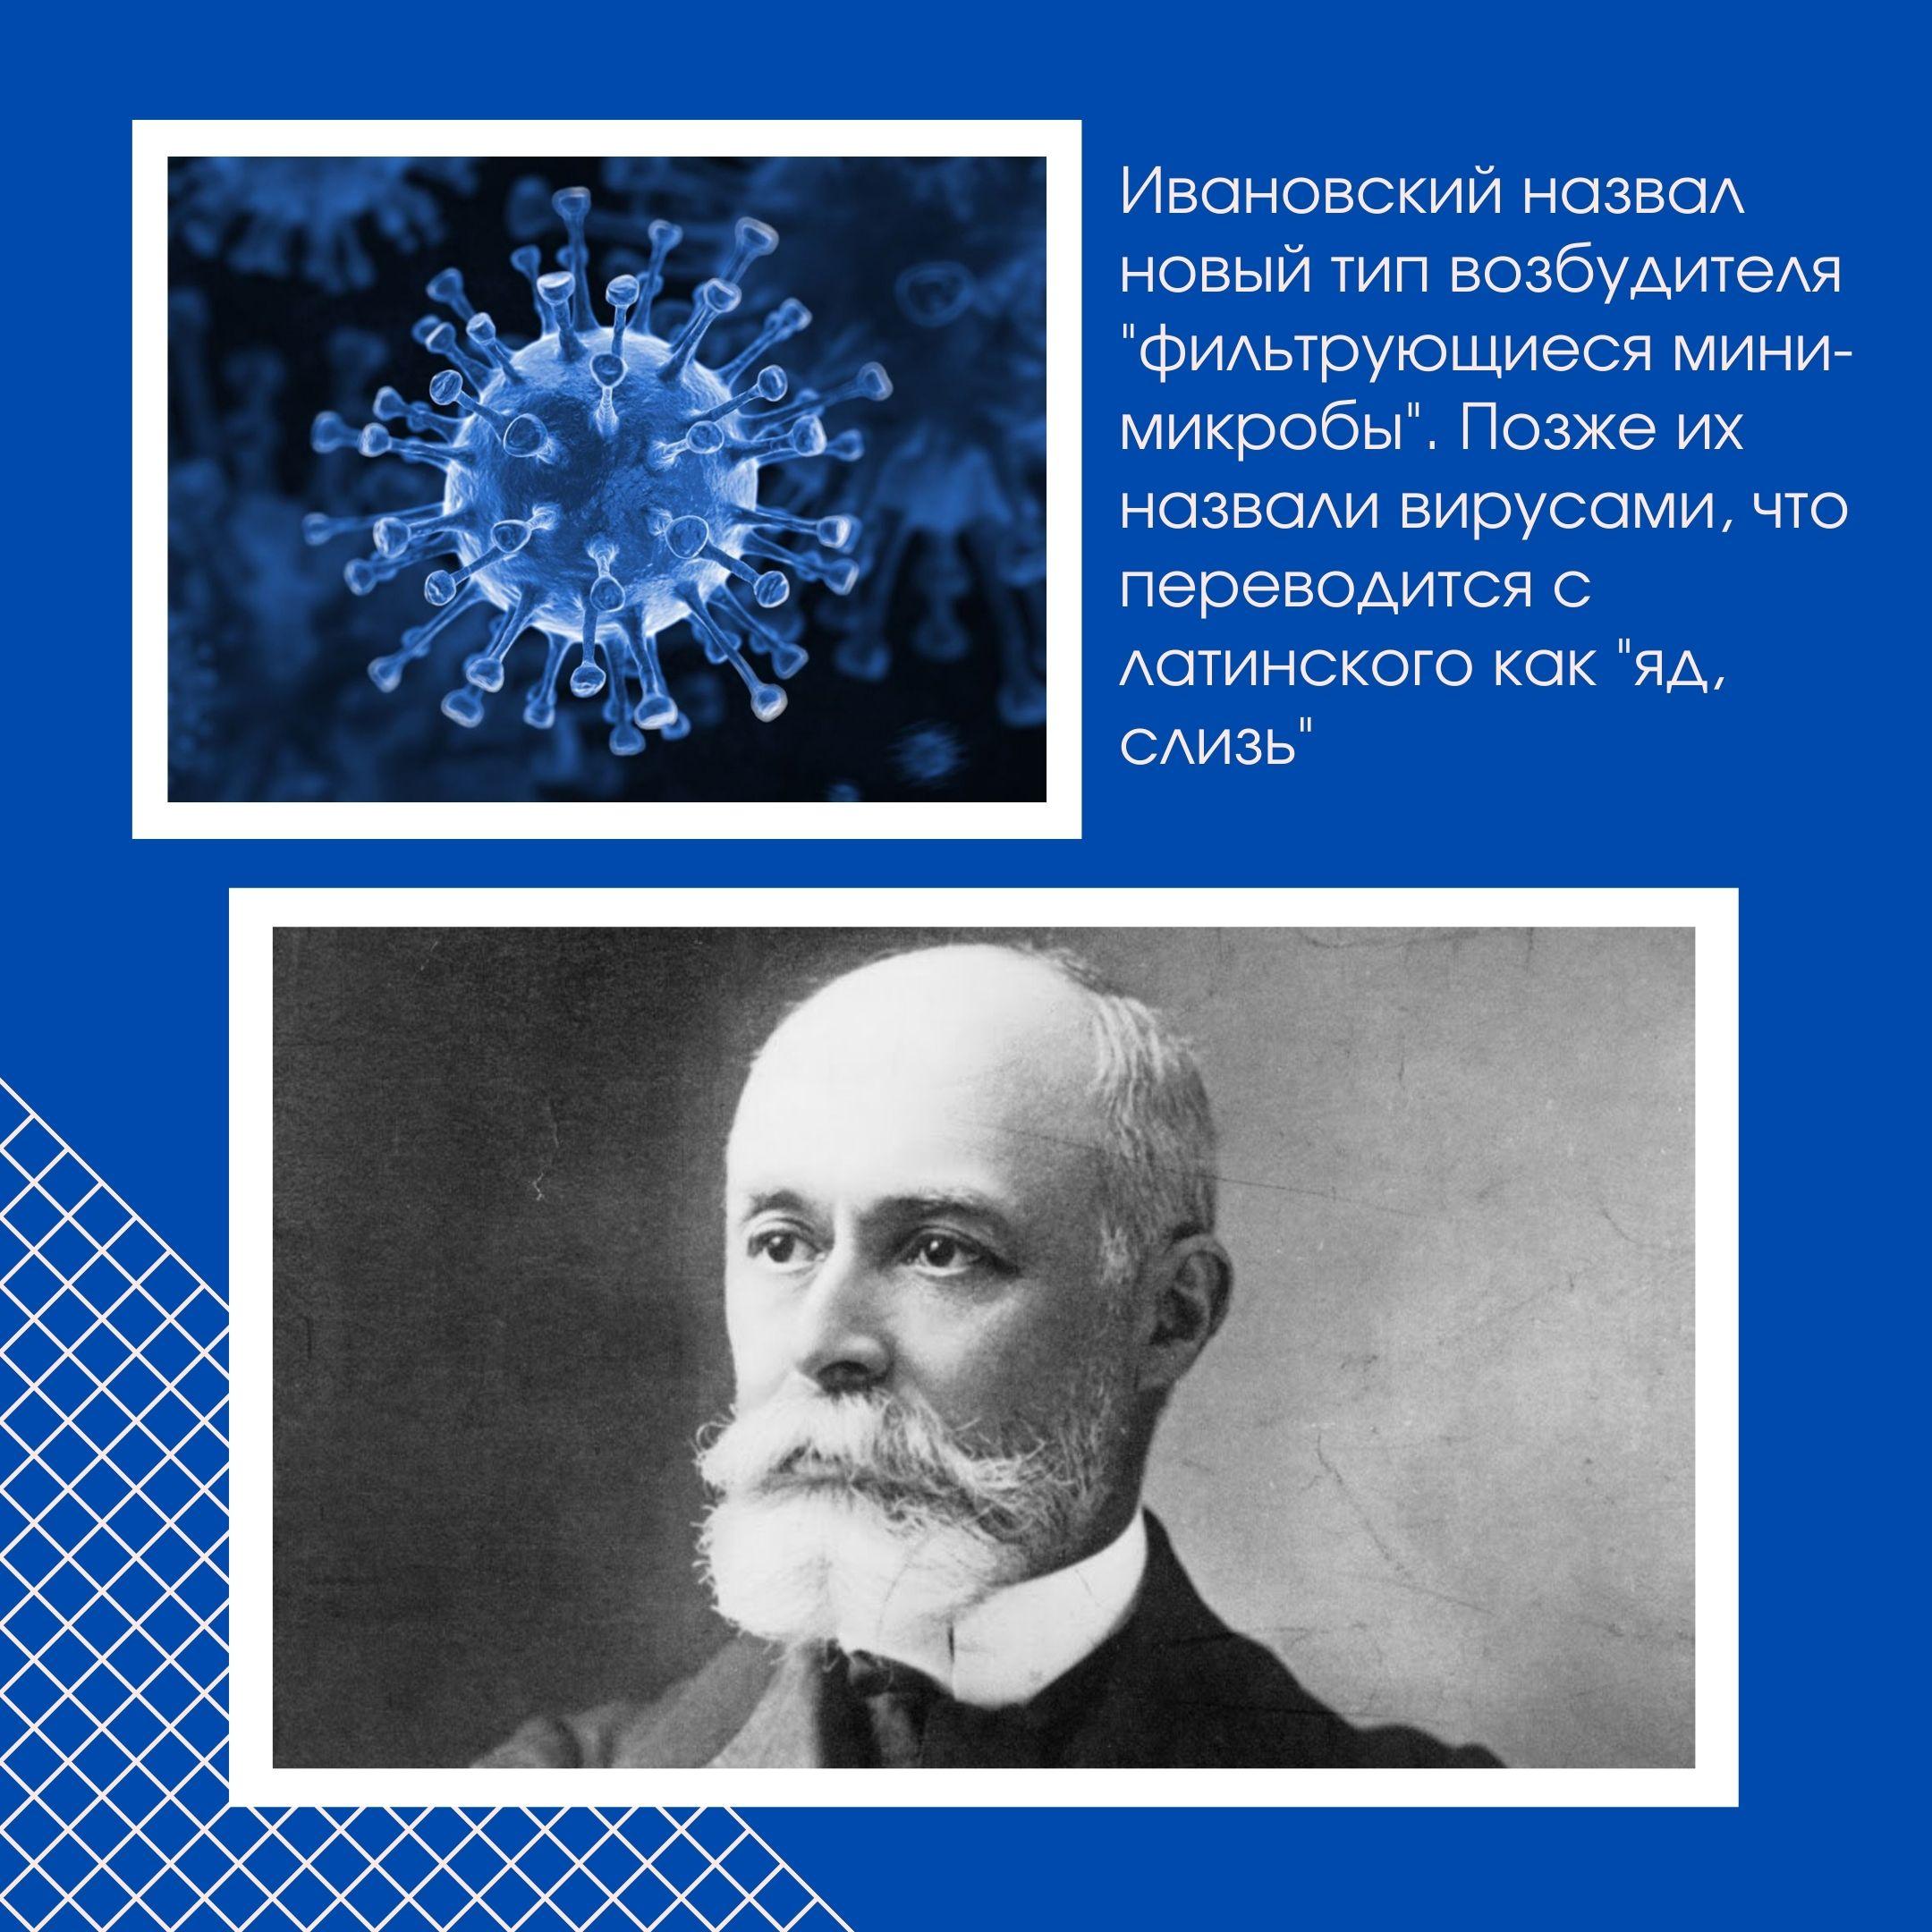 3 крымские научные сенсации, которые навсегда изменили мир